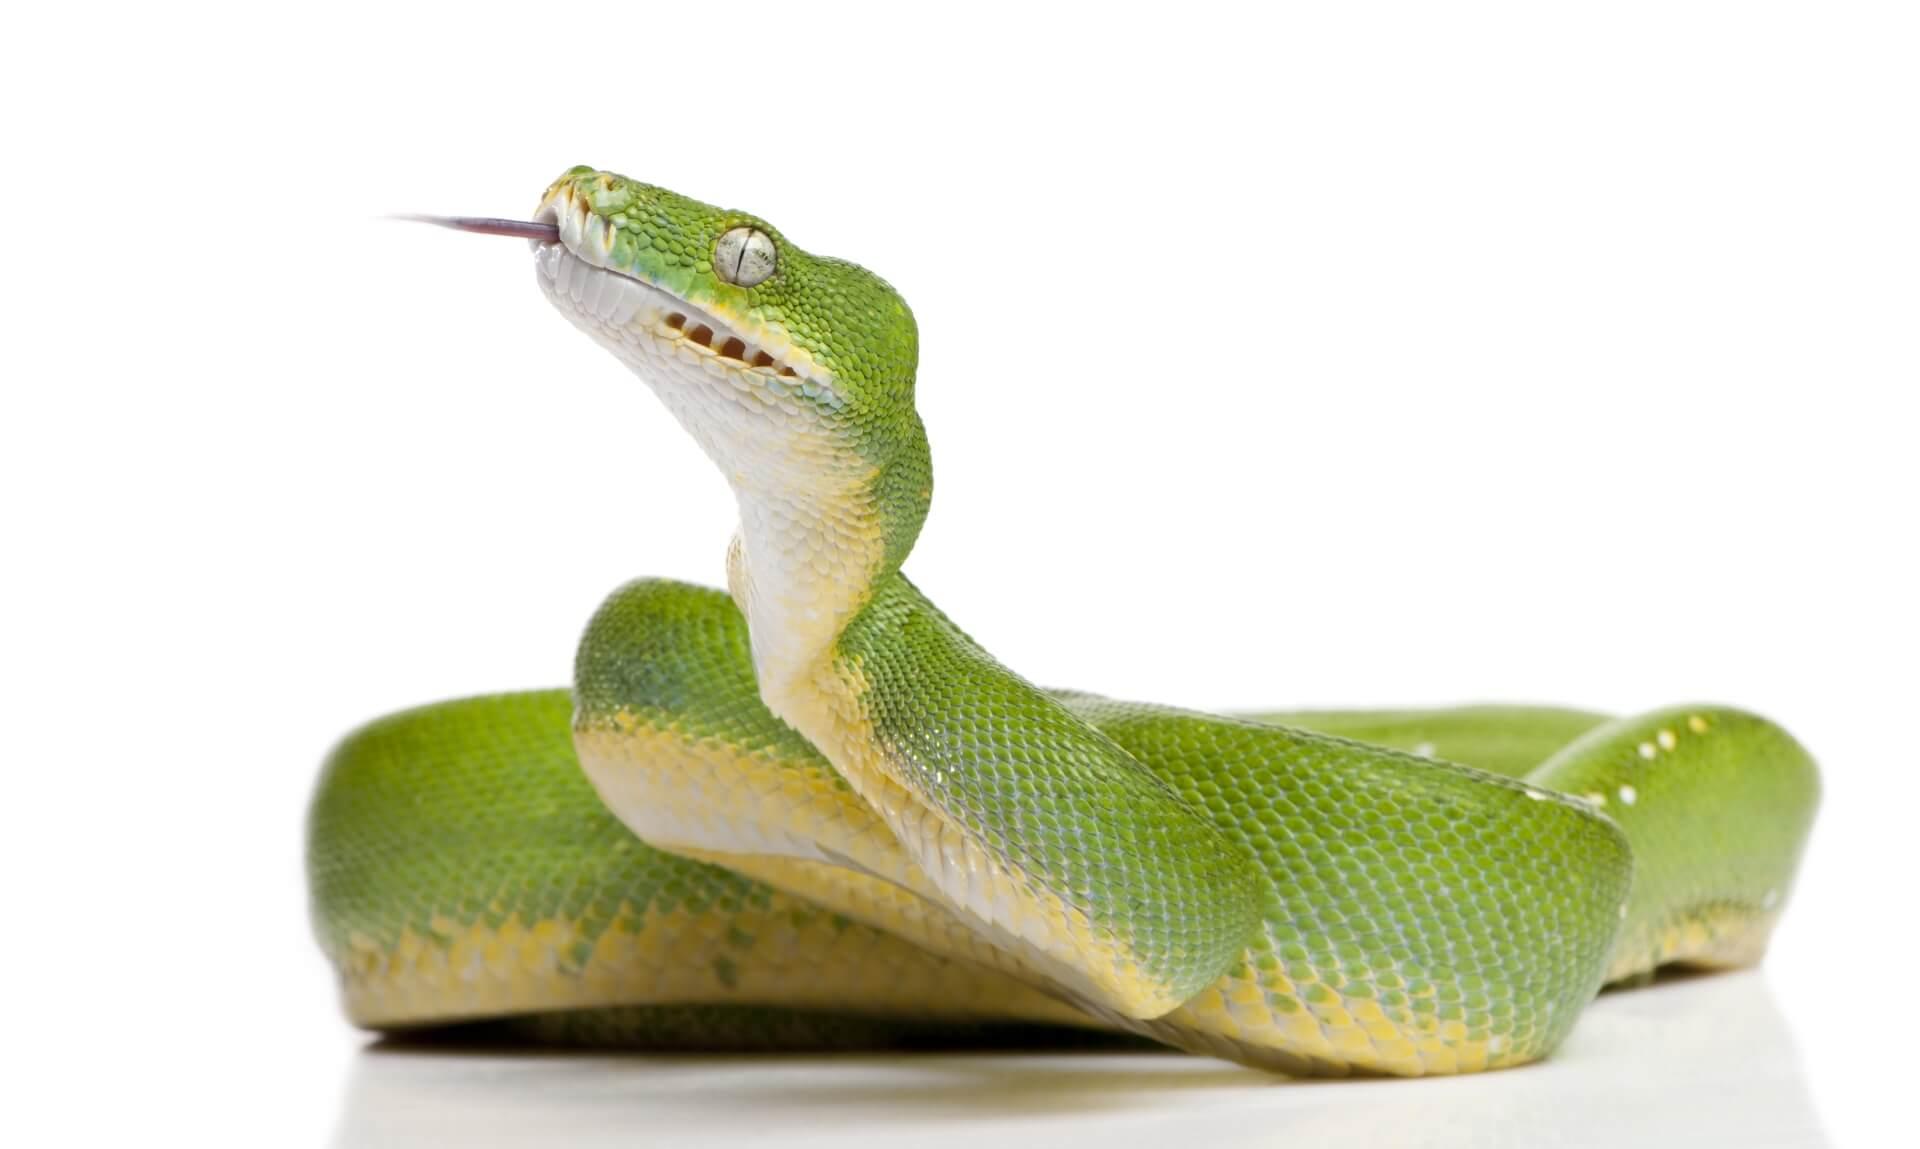 Groene slang